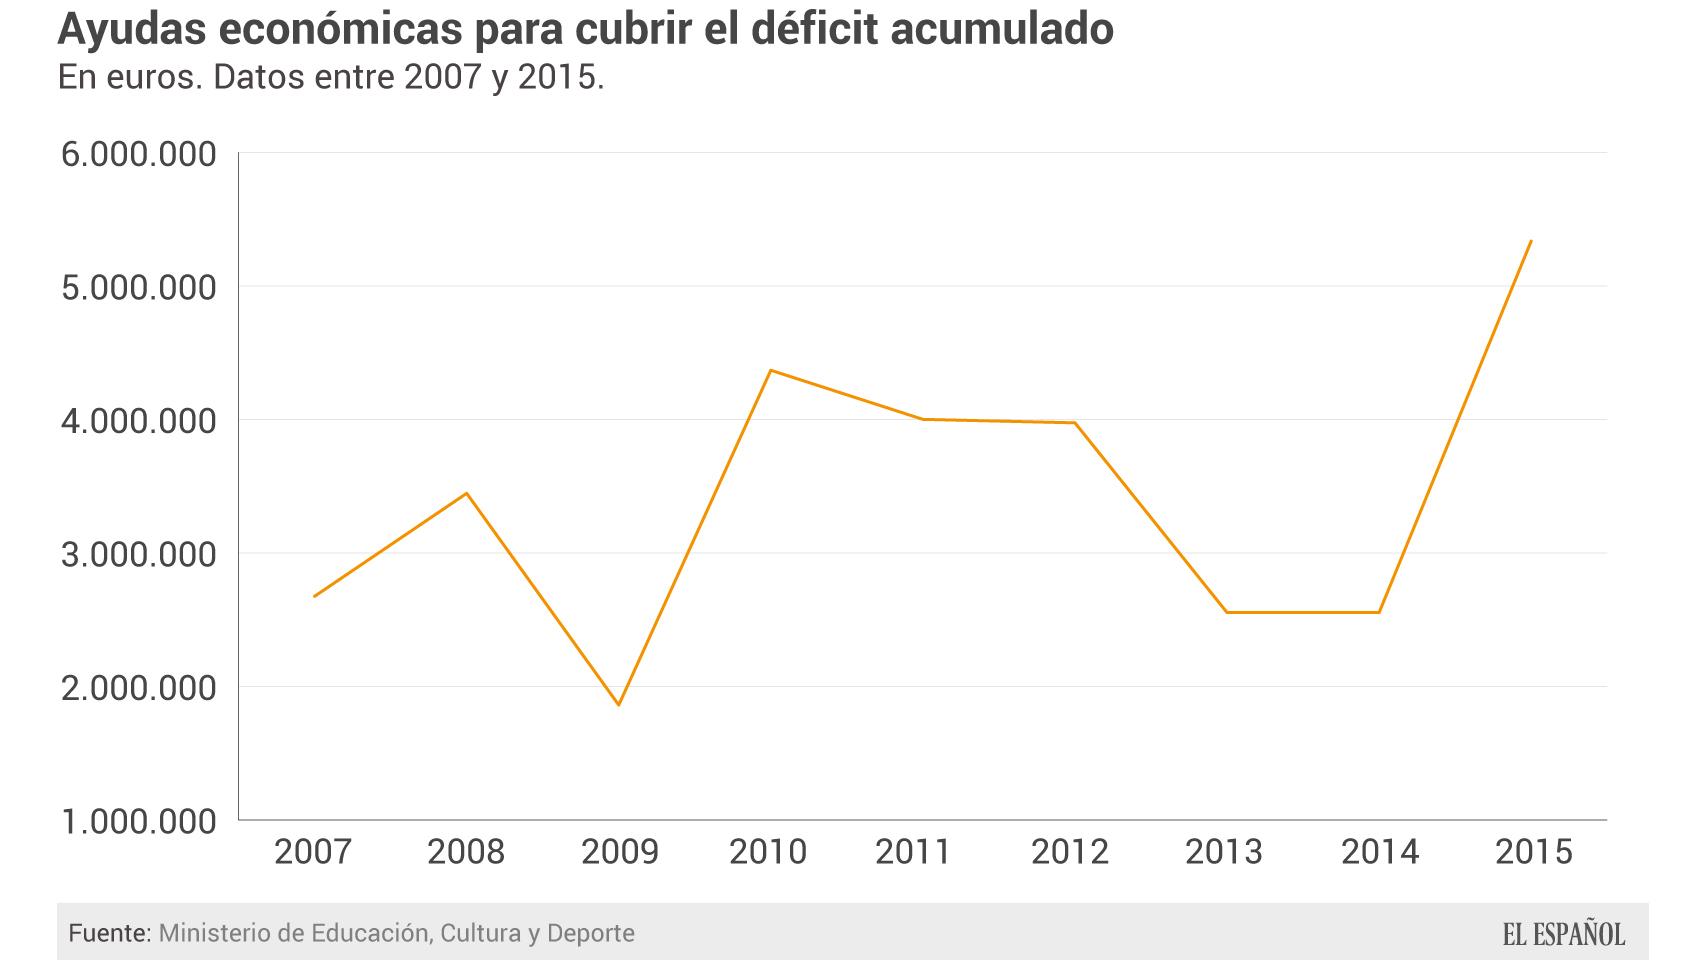 Ayudas públicas para salvar el déficit.